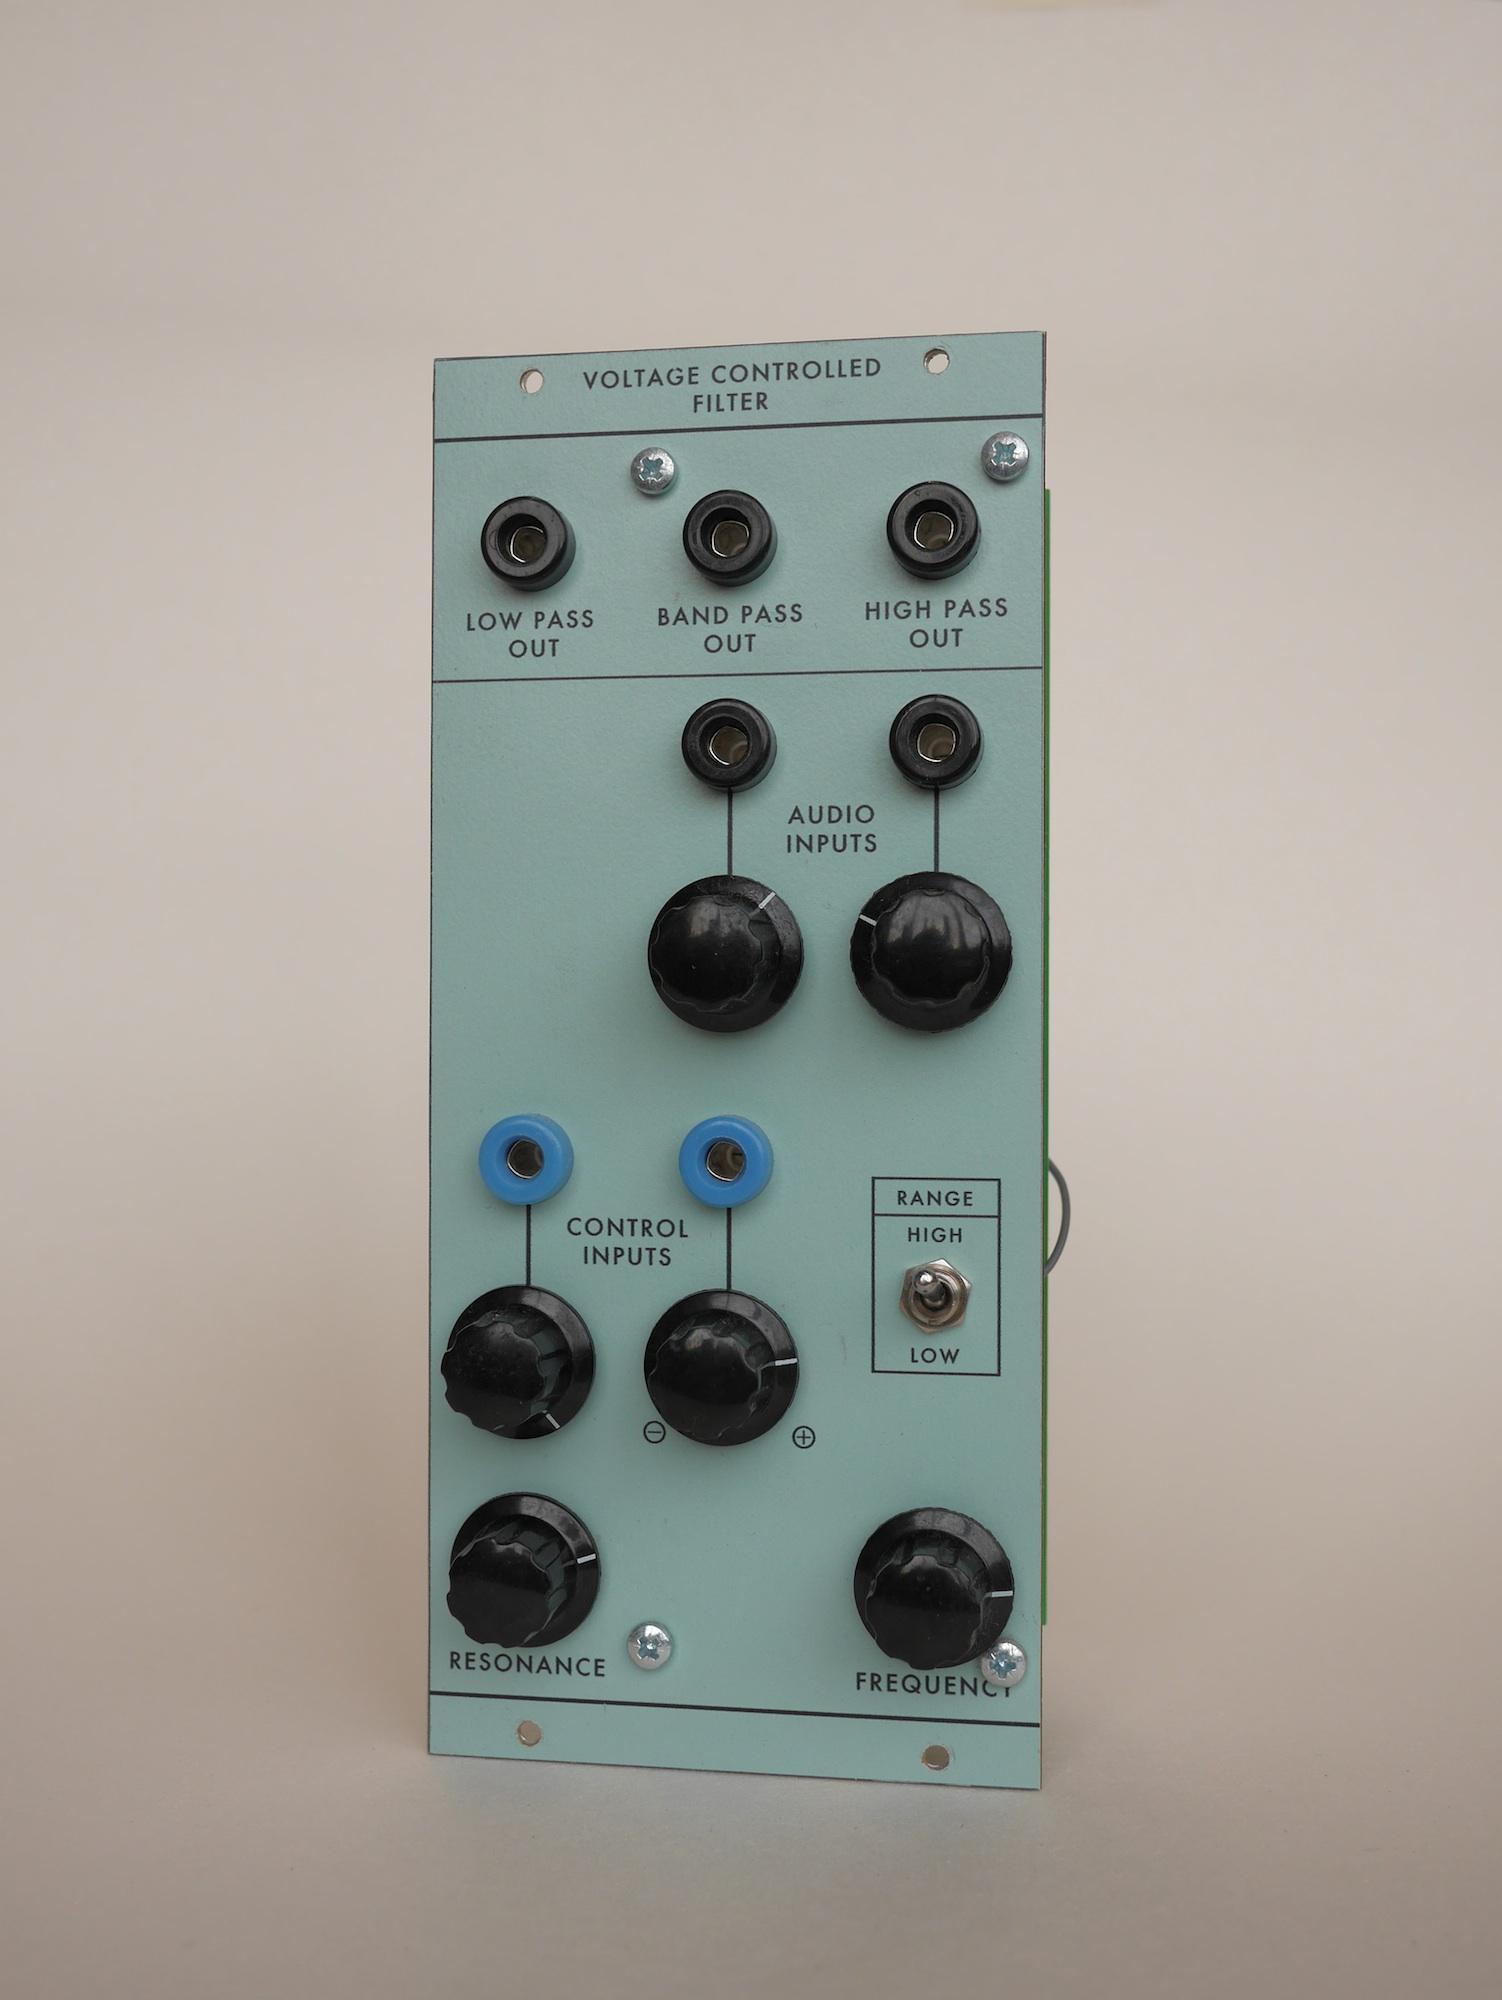 P6270275smaller